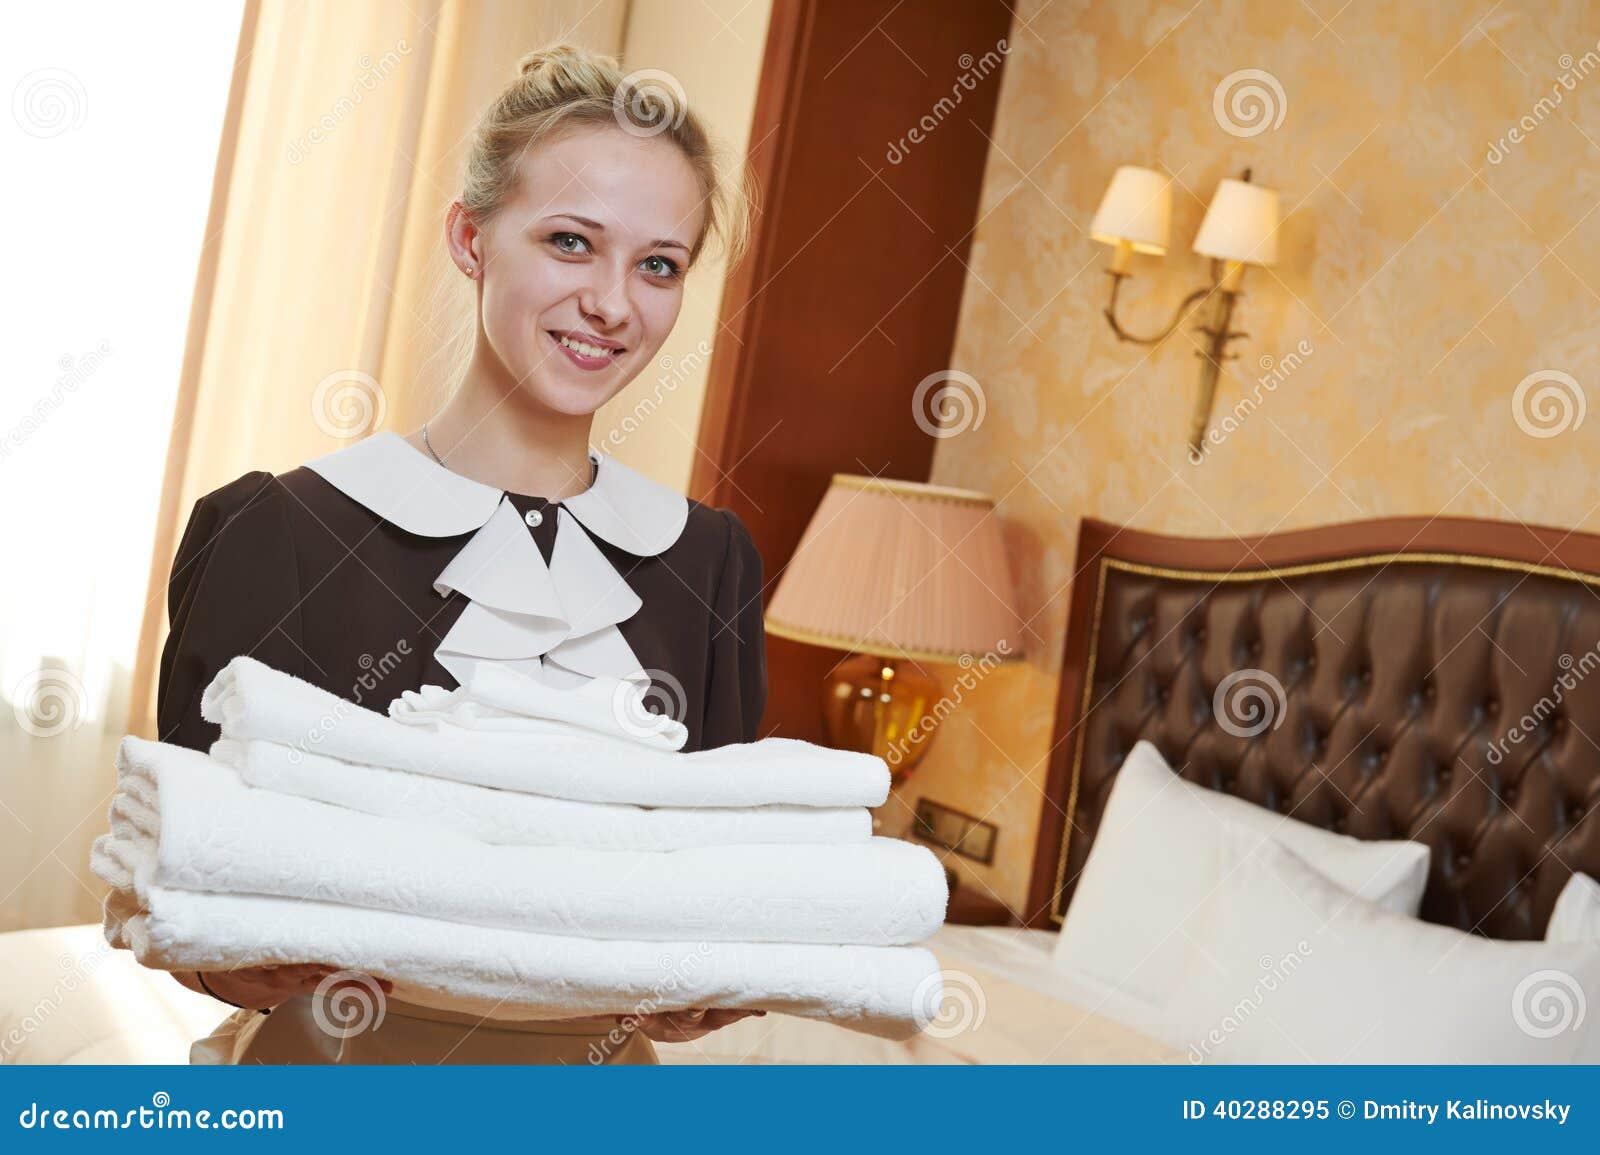 Горничная на обслуживании гостиницы